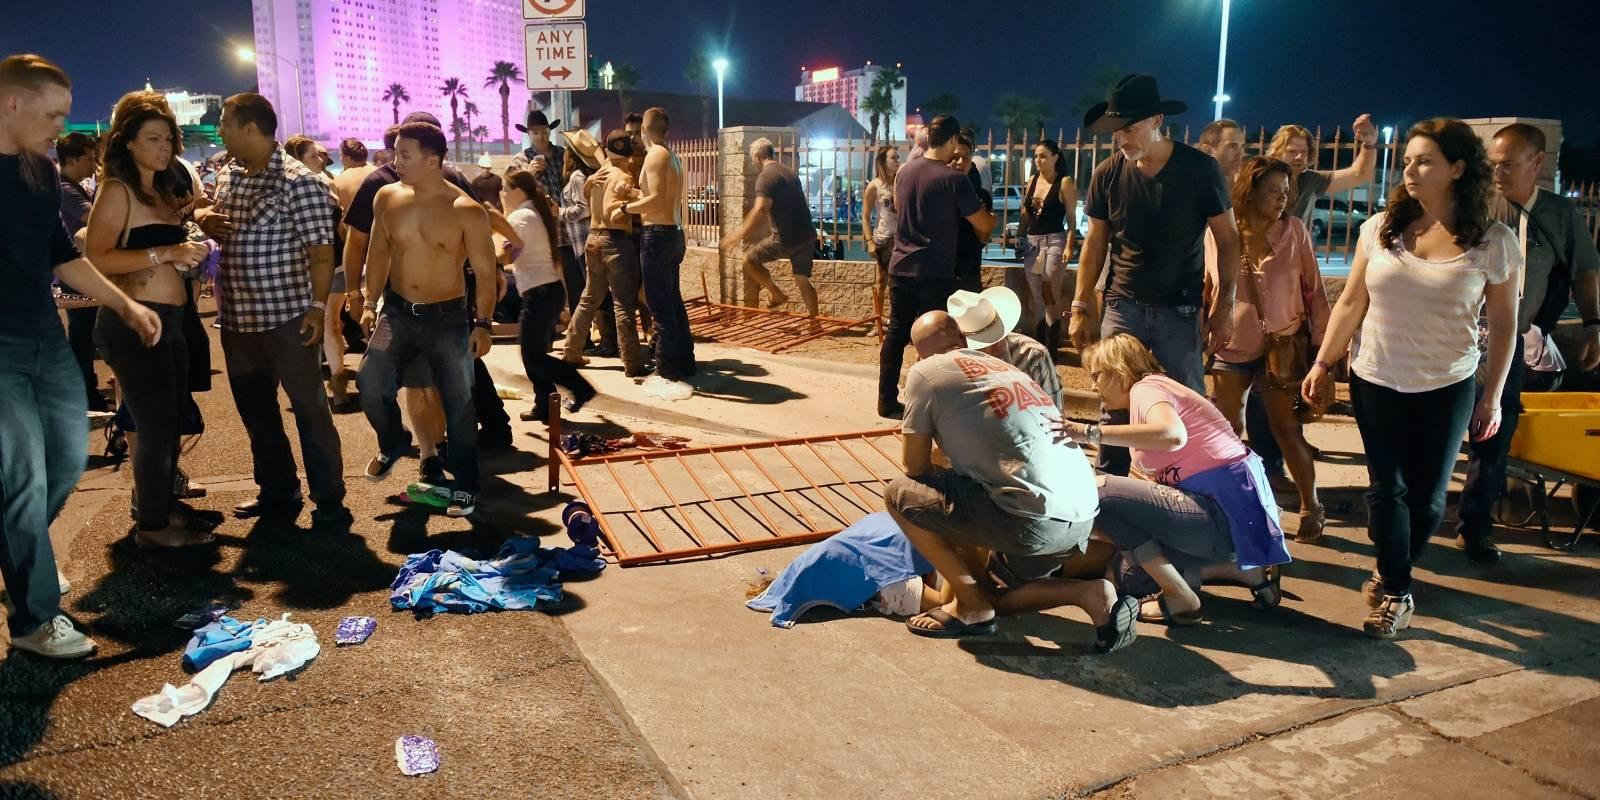 Al menos 50 personas murieron y 200 resultaron heridas por un tiroteo ocurrido durante la noche del domingo en Las Vegas, Nevada.